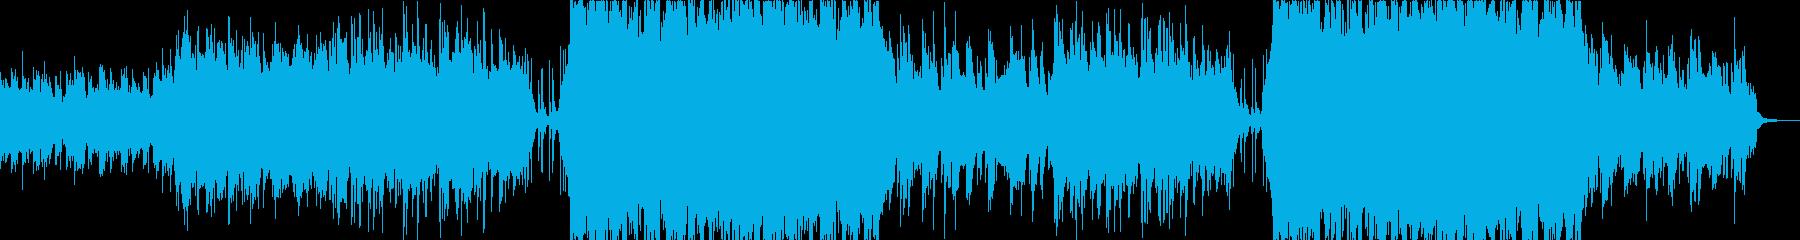 ブルーモーメント / チルアウト・R&Bの再生済みの波形